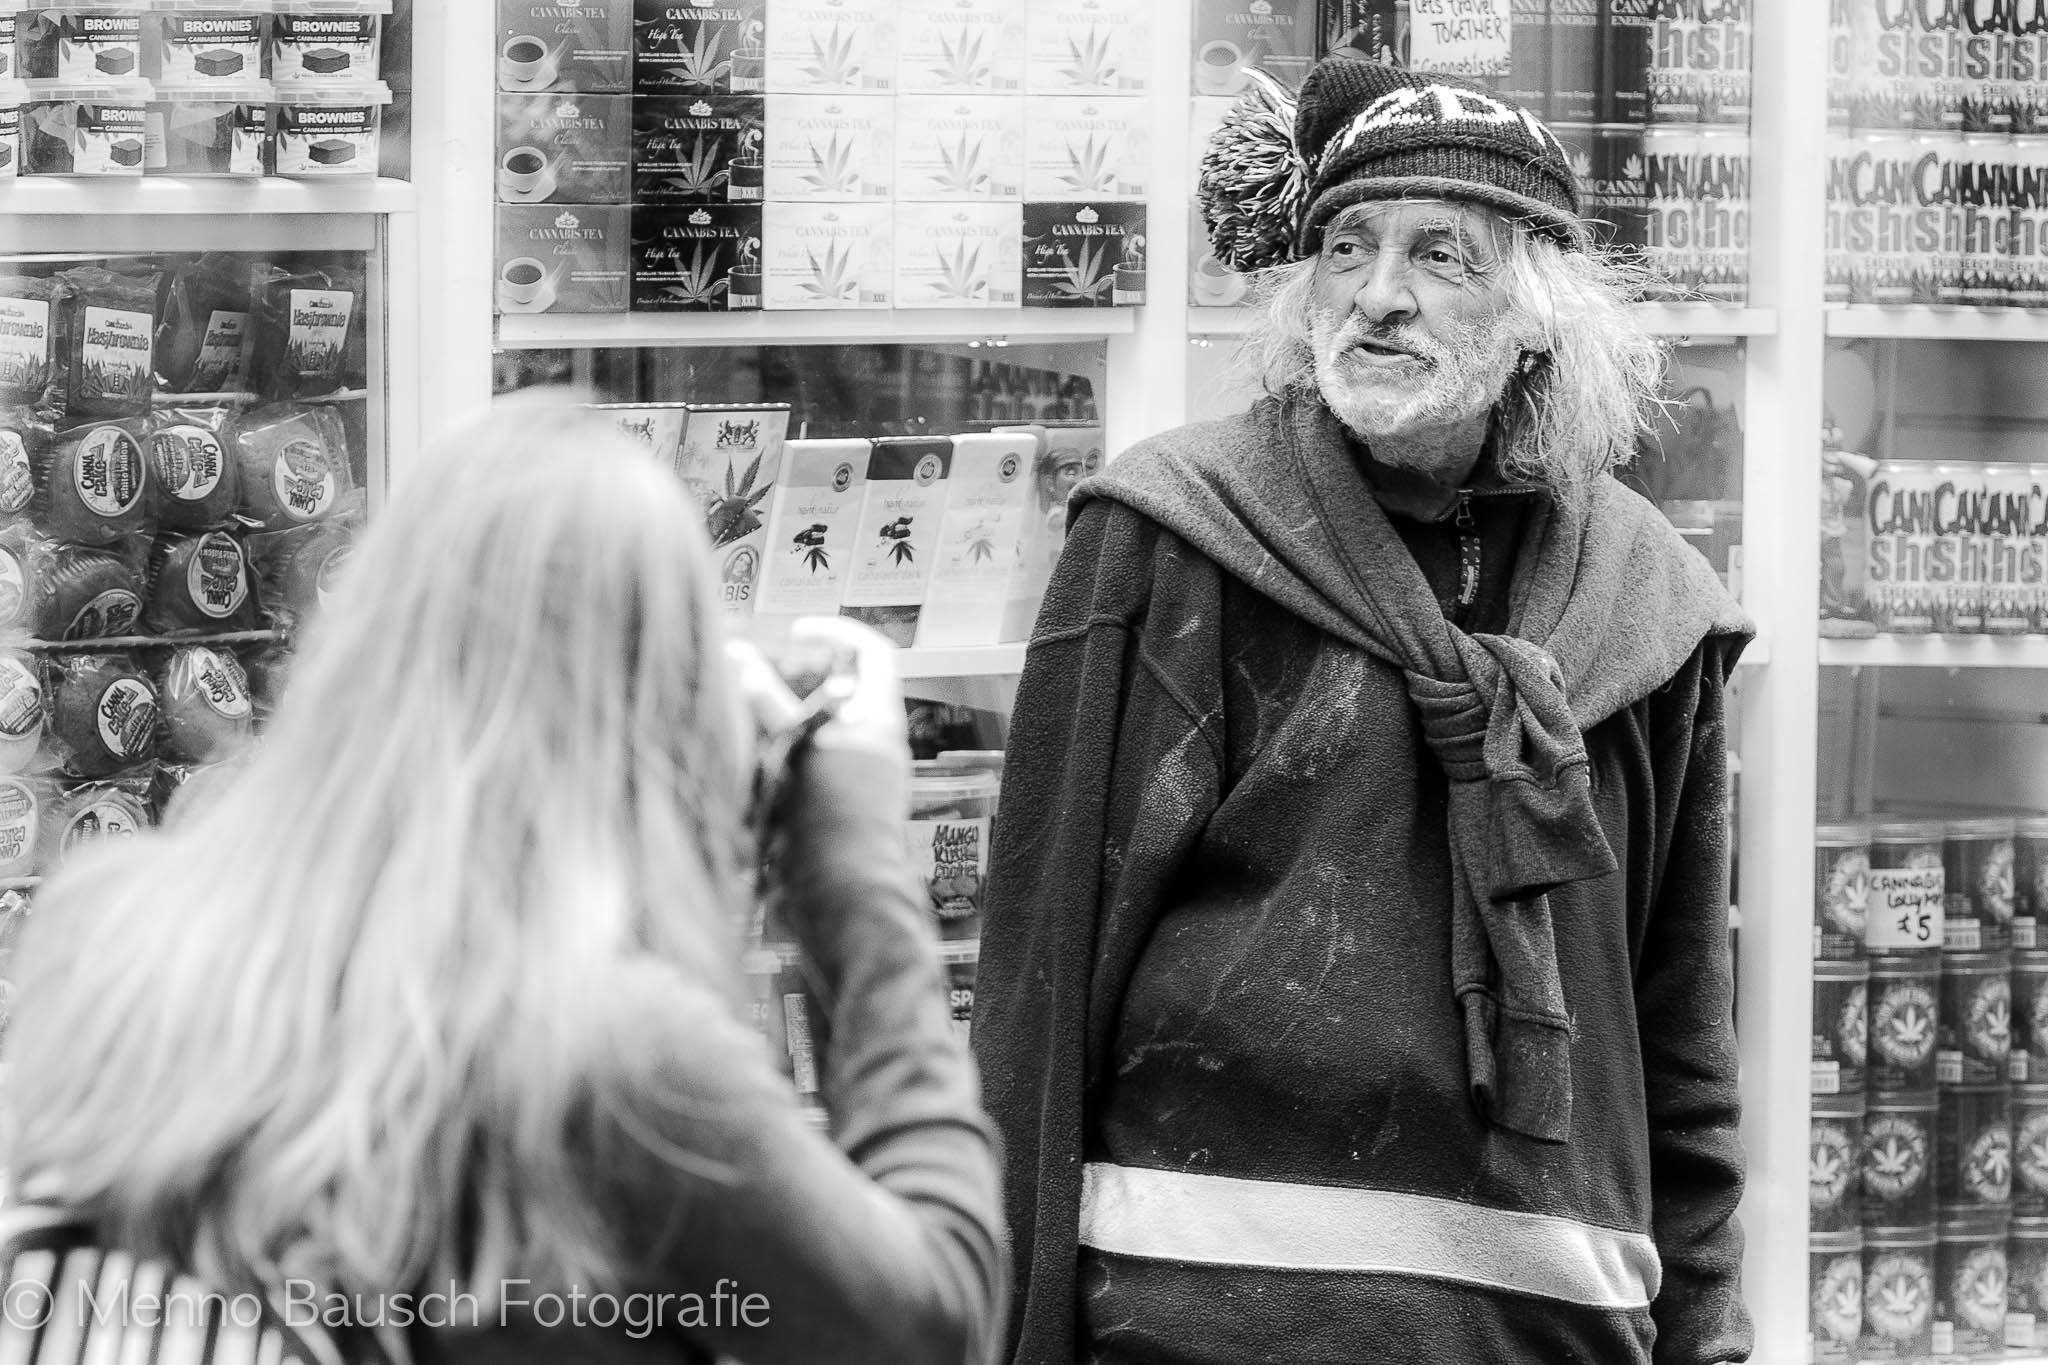 Menno Bausch Fotografie20